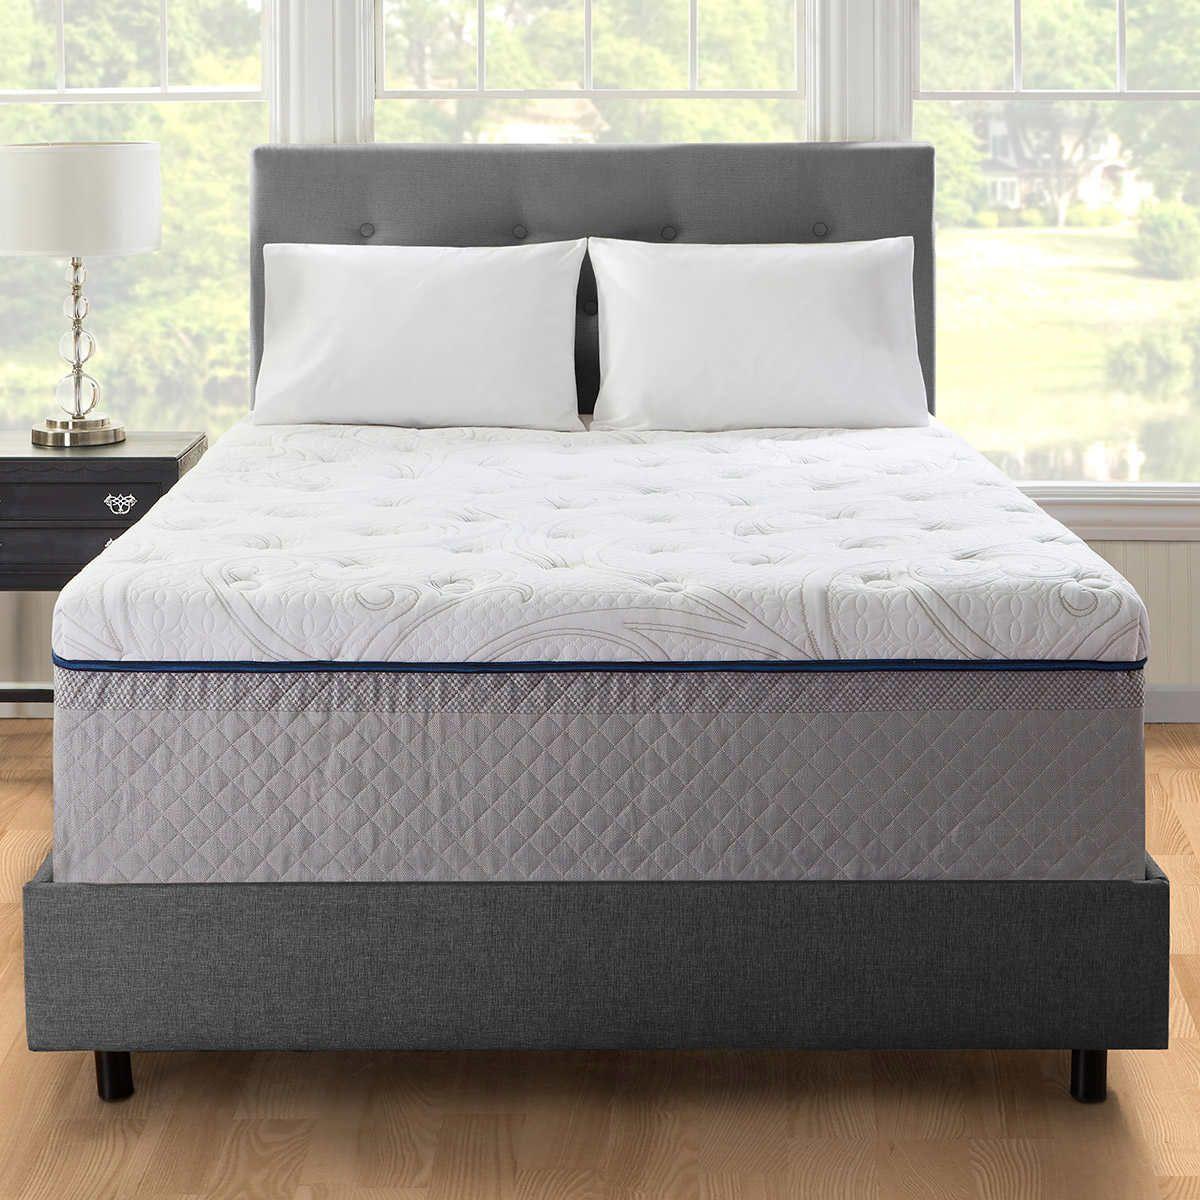 Novaform 14 Quot Comfort Grande Queen Evencor Gelplus Memory Foam Mattress Foam Mattress Mattress